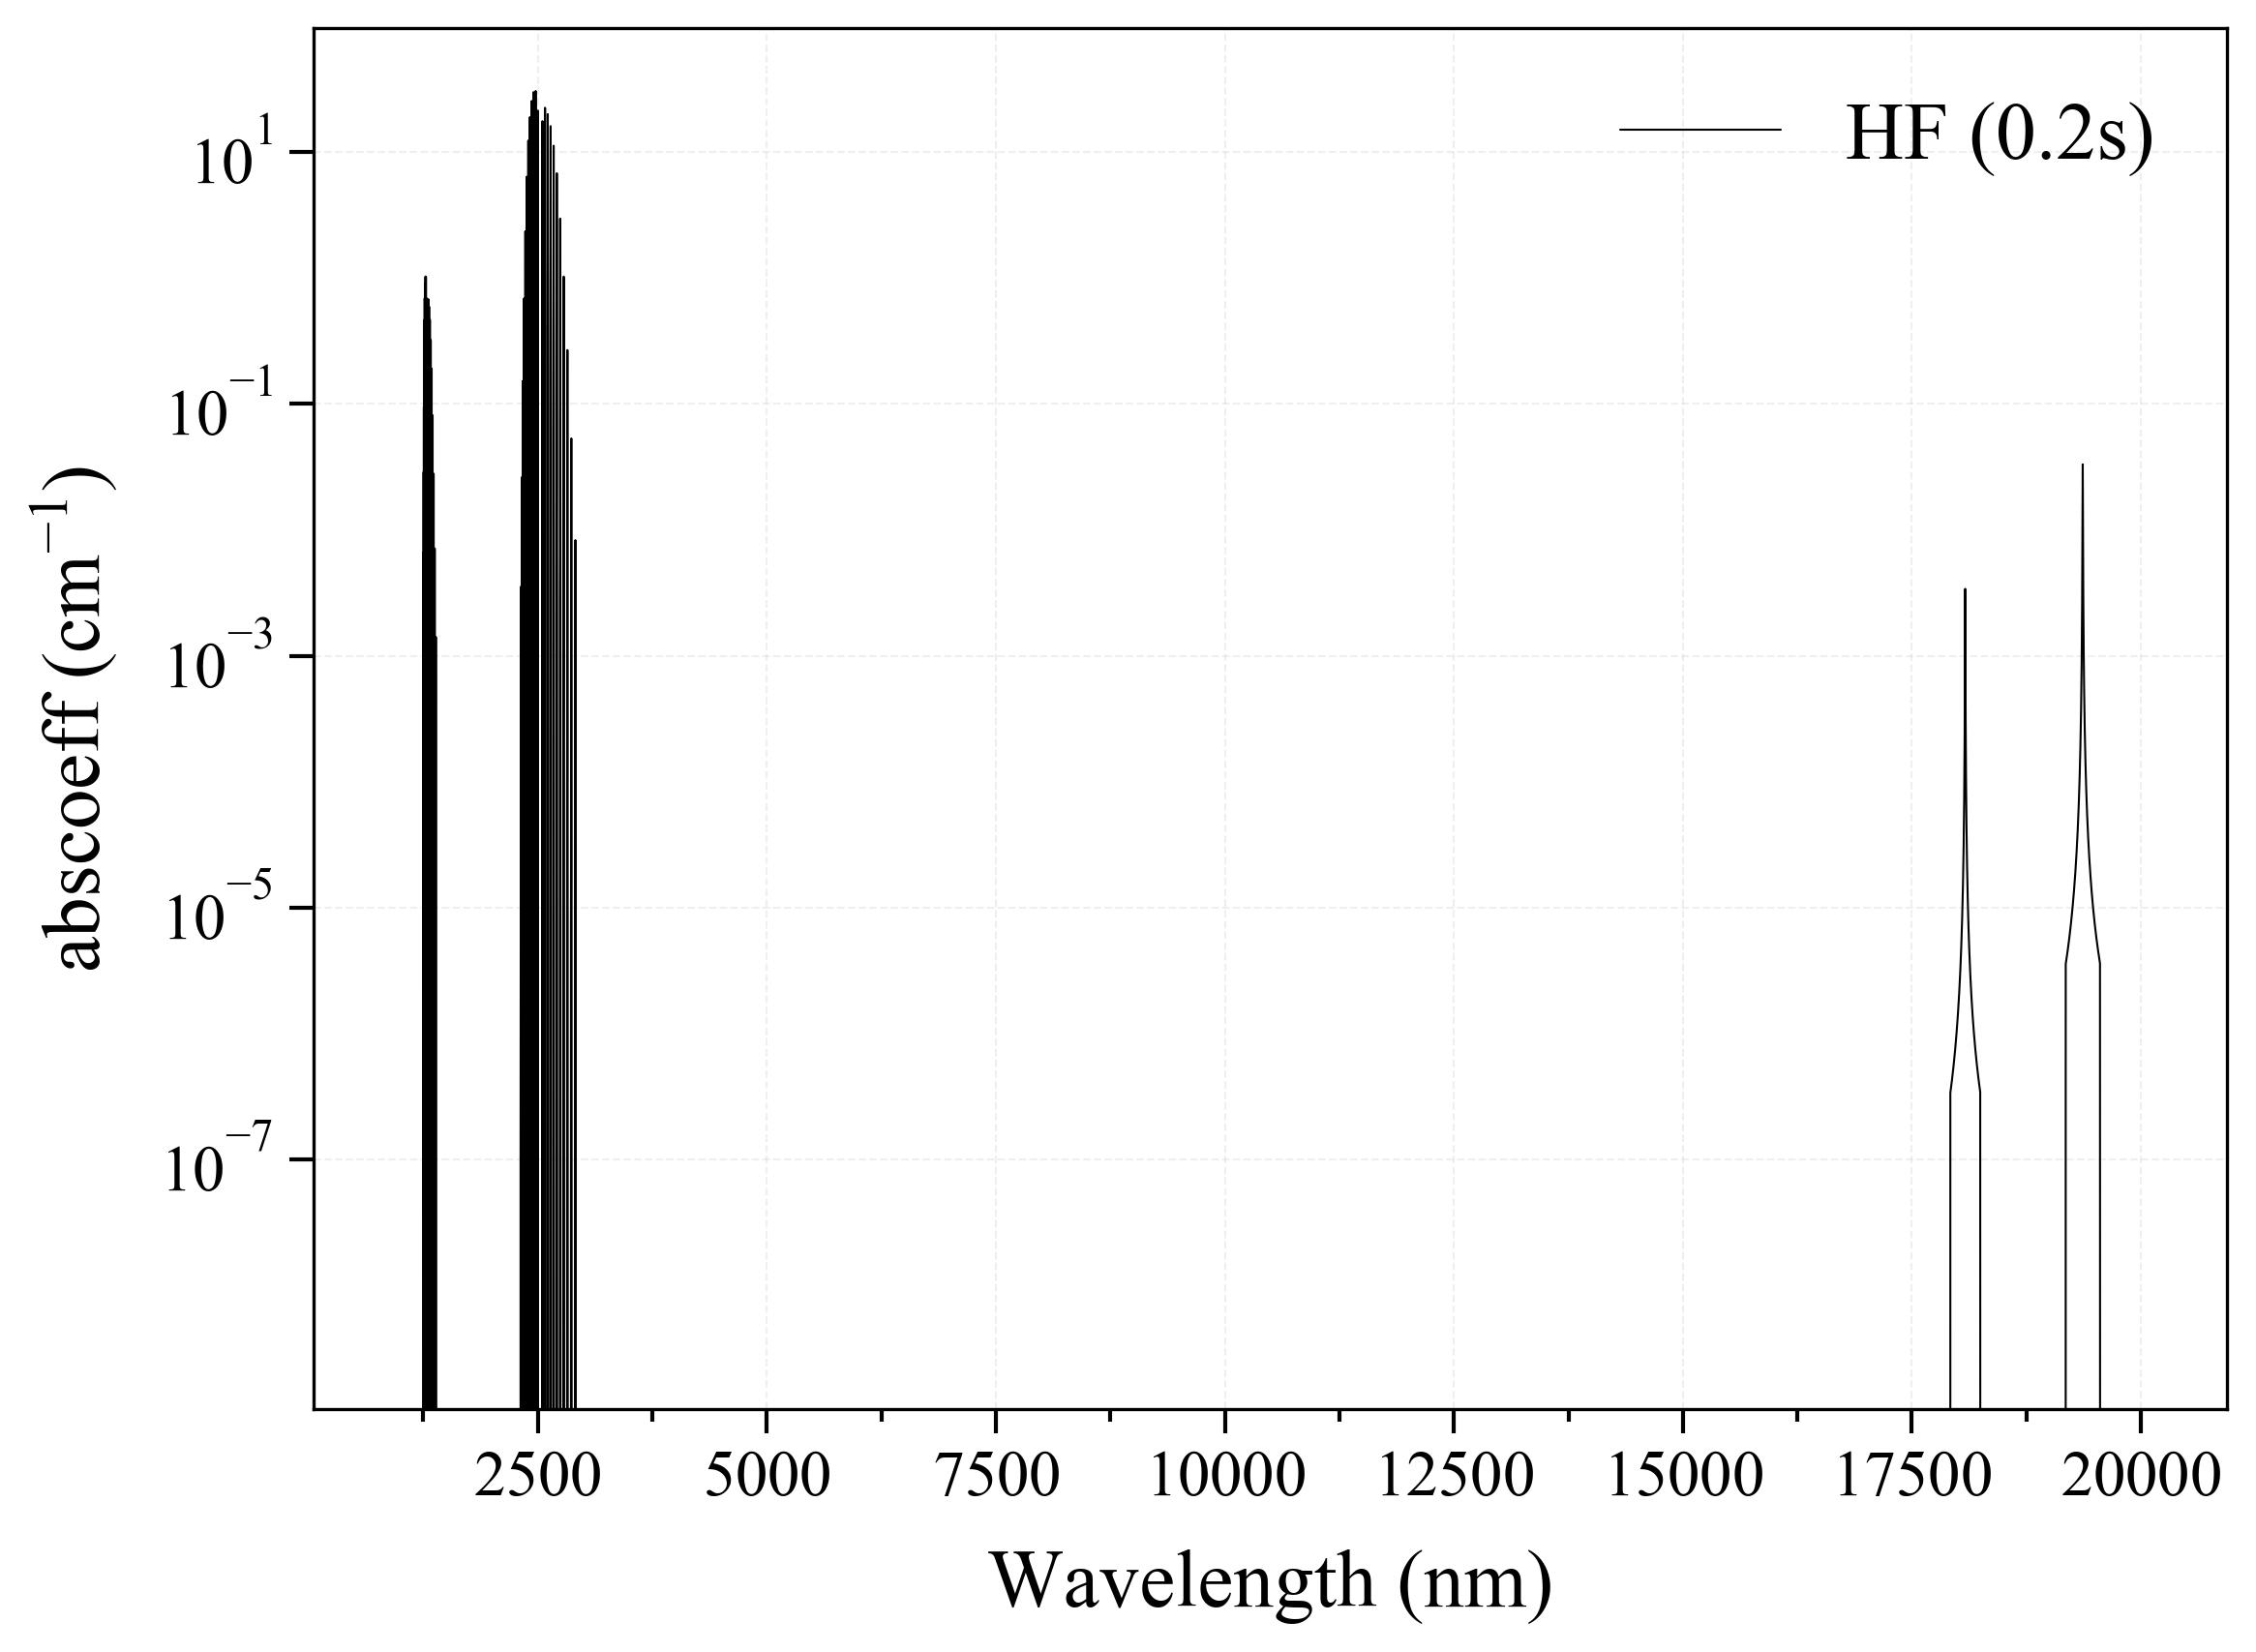 Hydrogen Fluoride HF infrared absorption coefficient